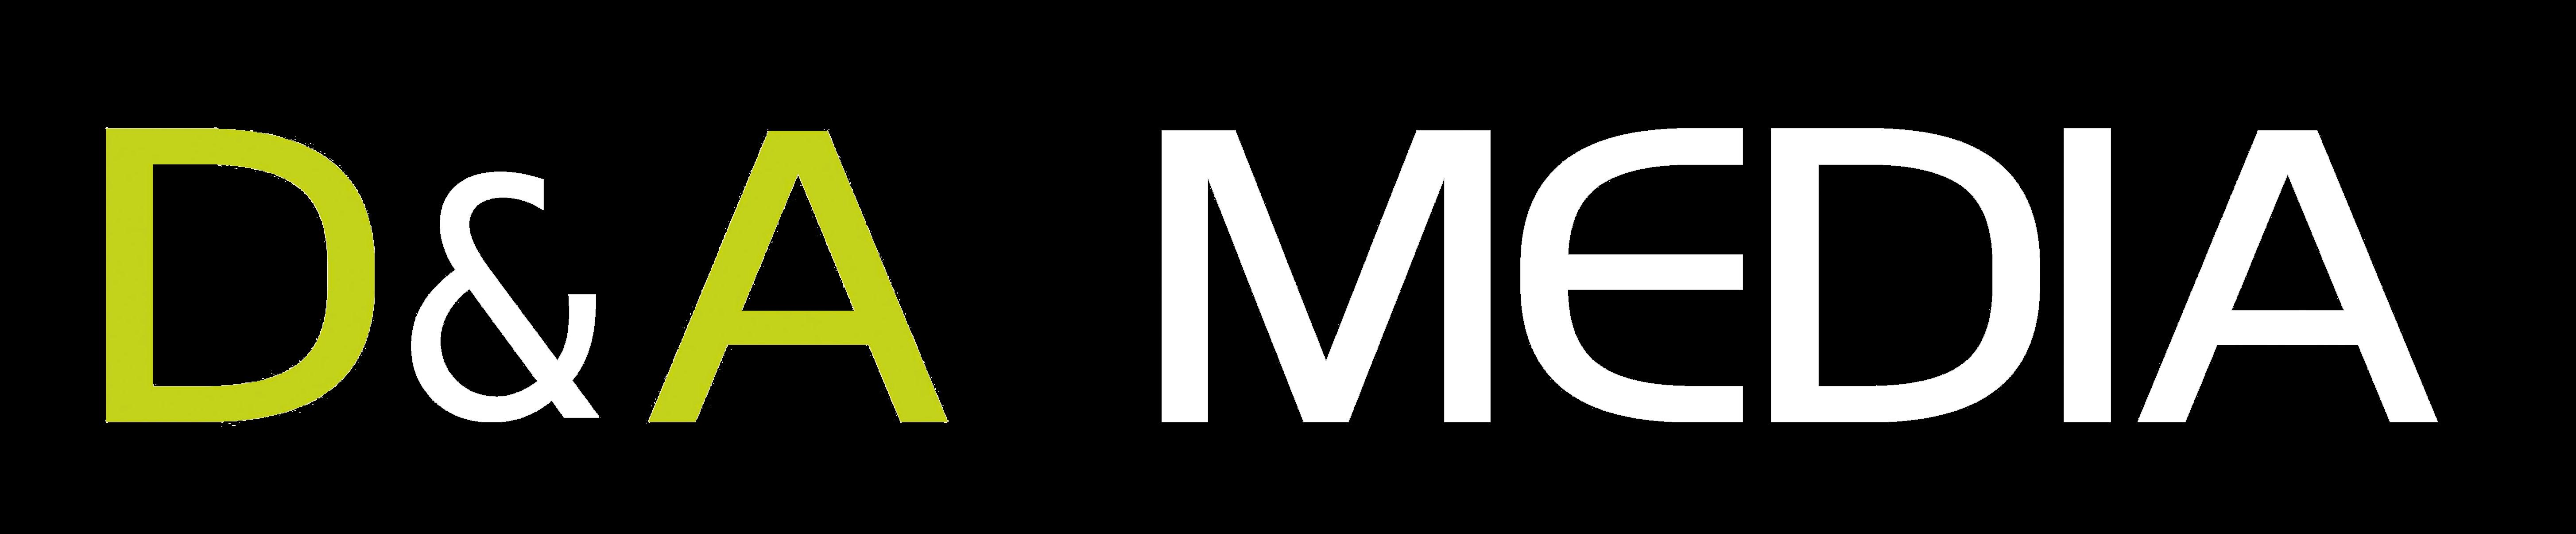 D&A Media Shop